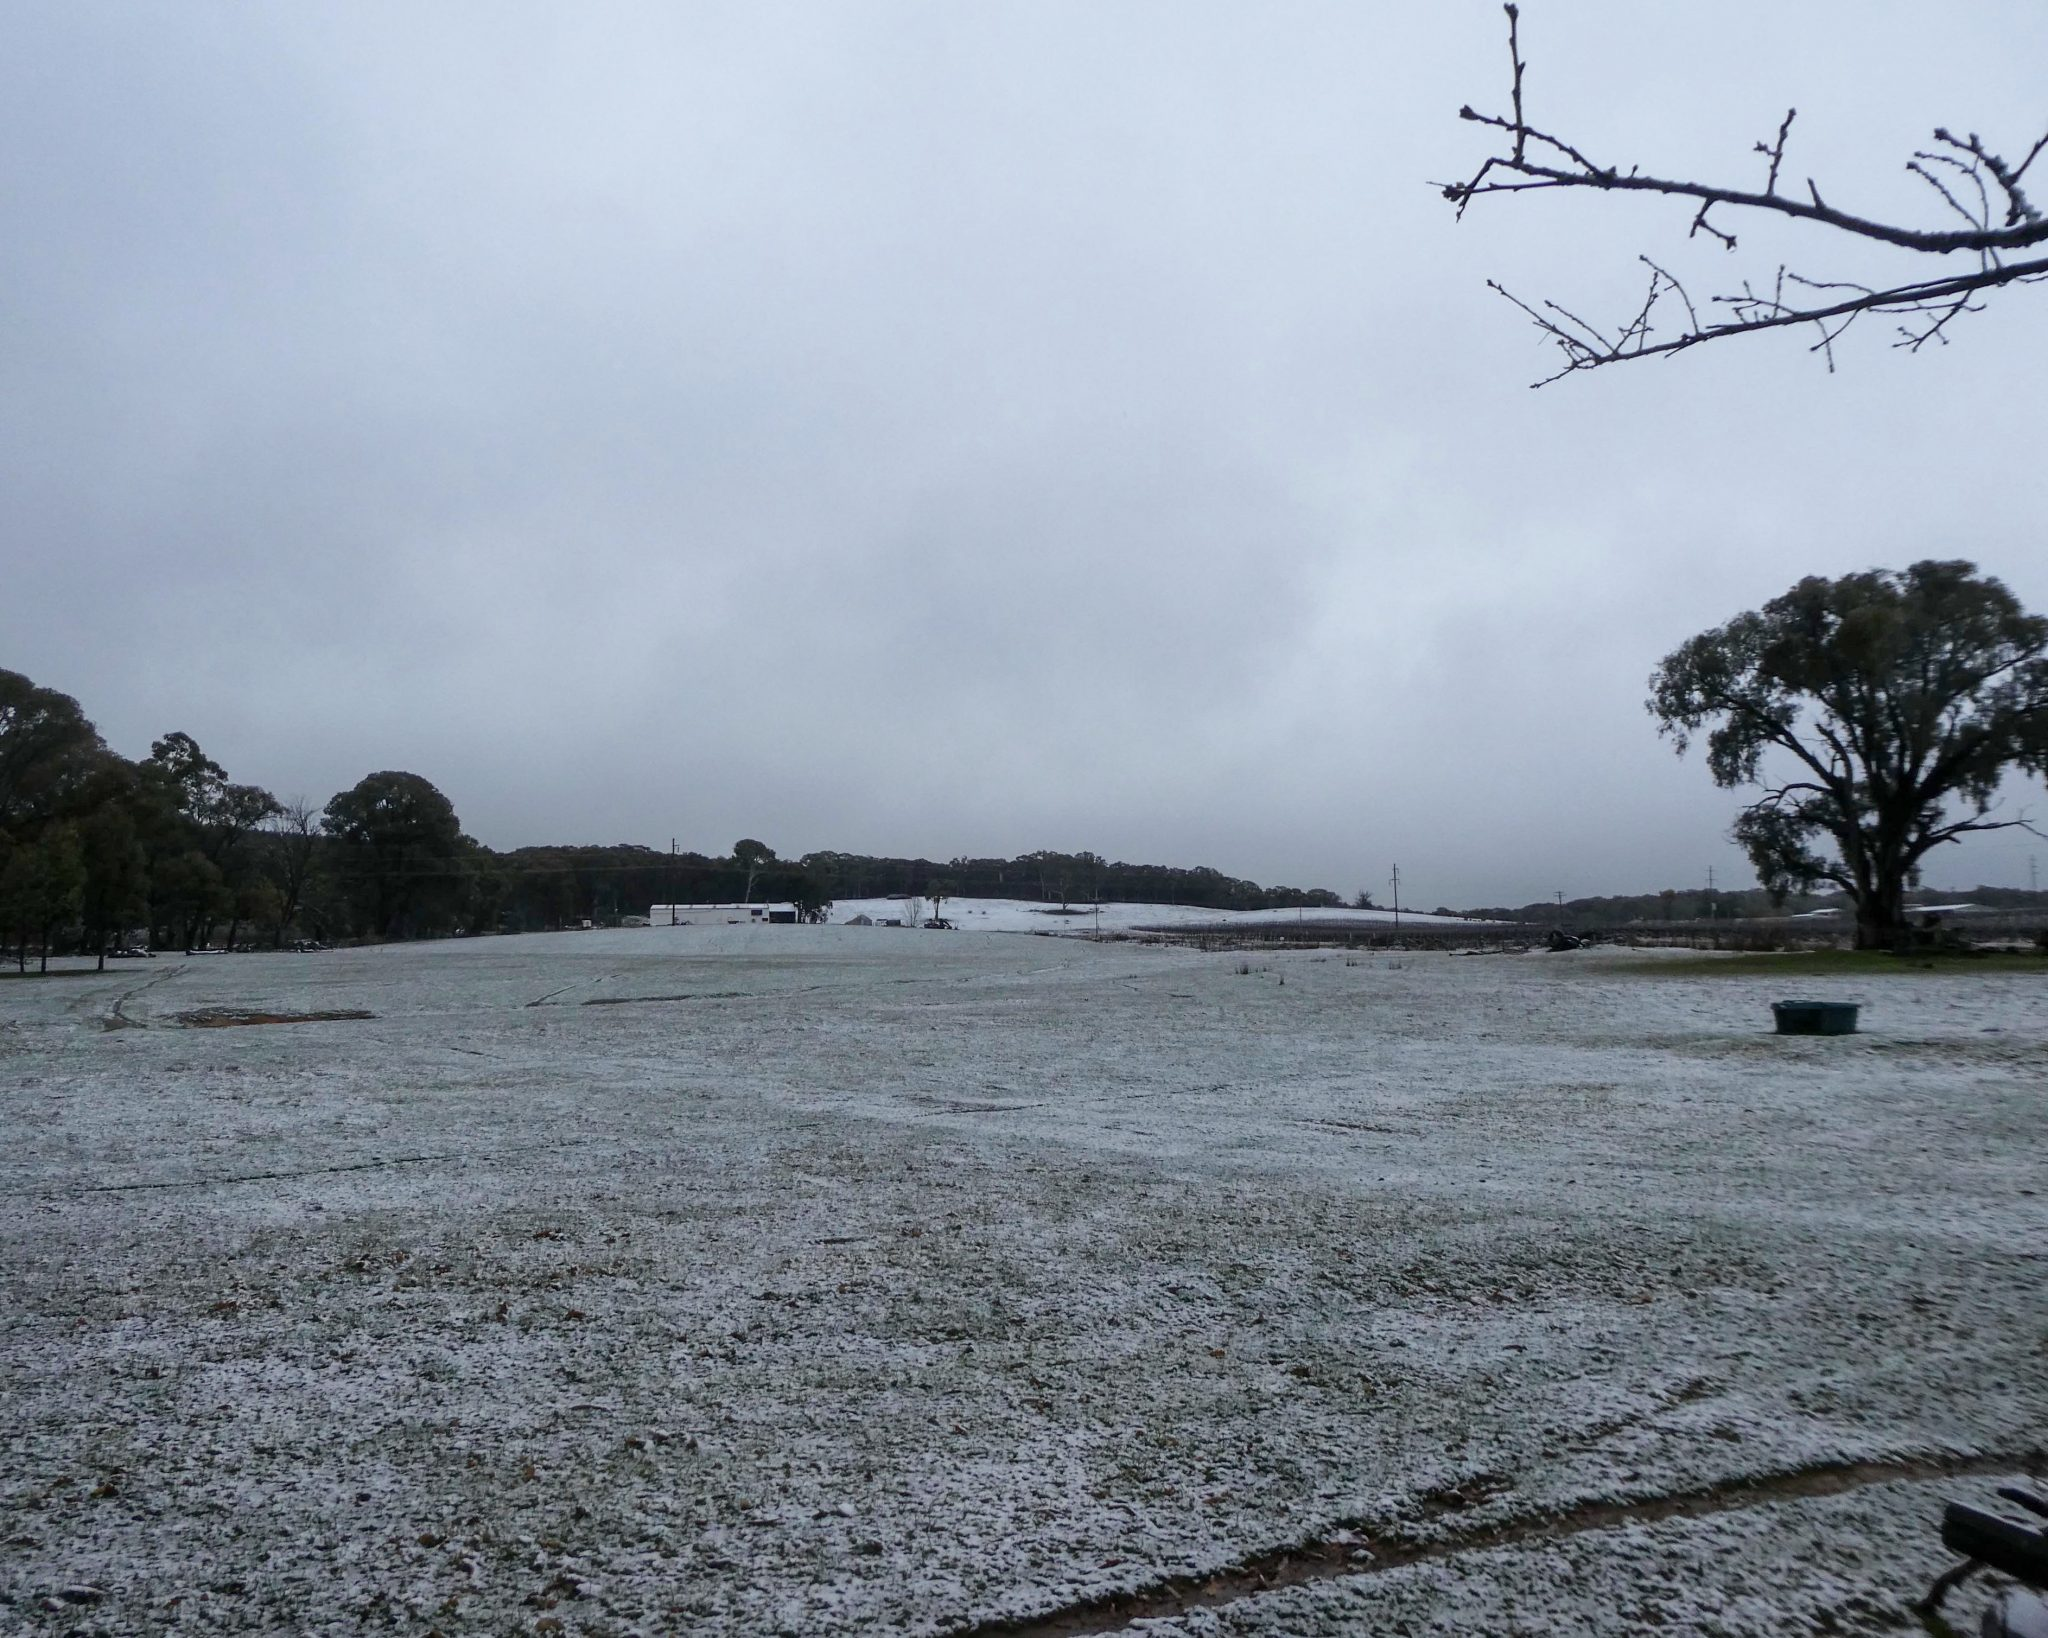 Snowy paddocks